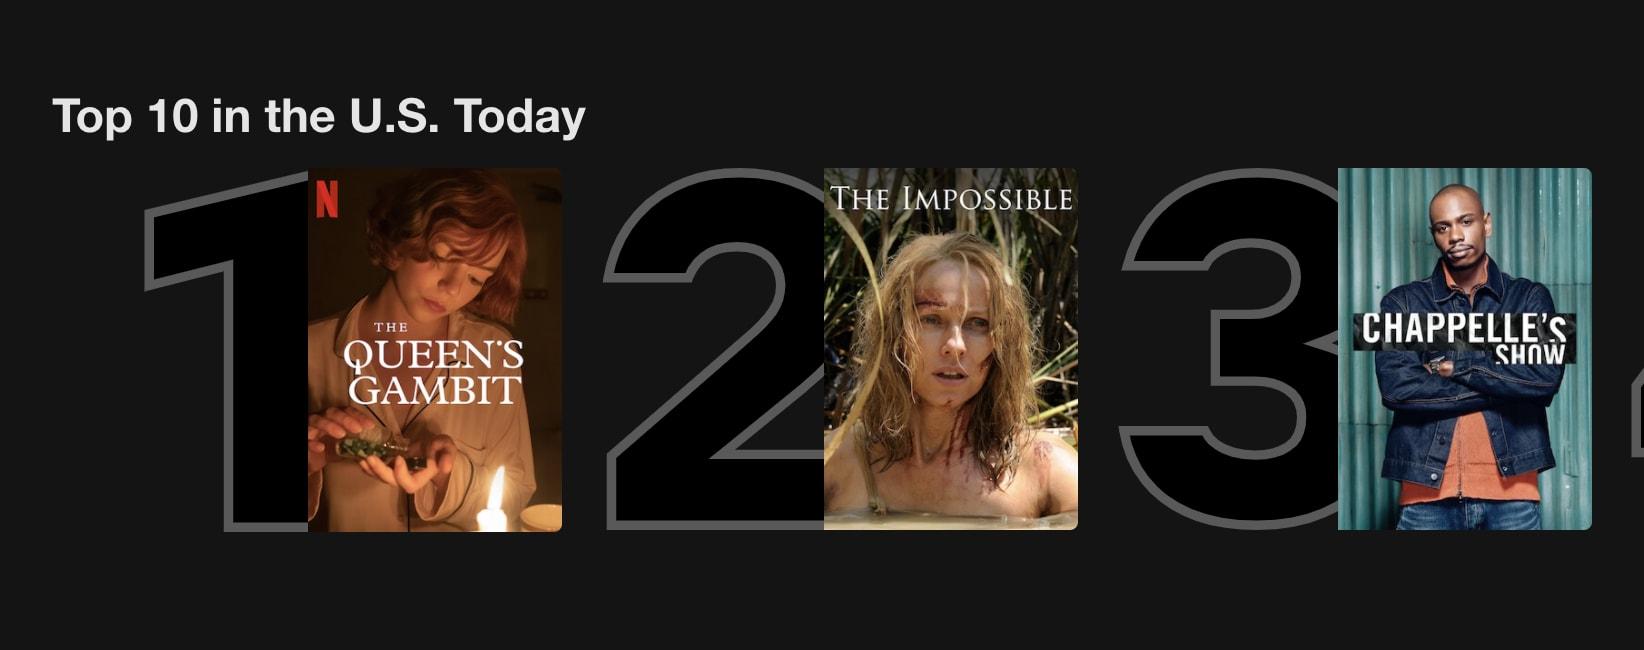 Lista top 3 na Netflix dos Estados Unidos